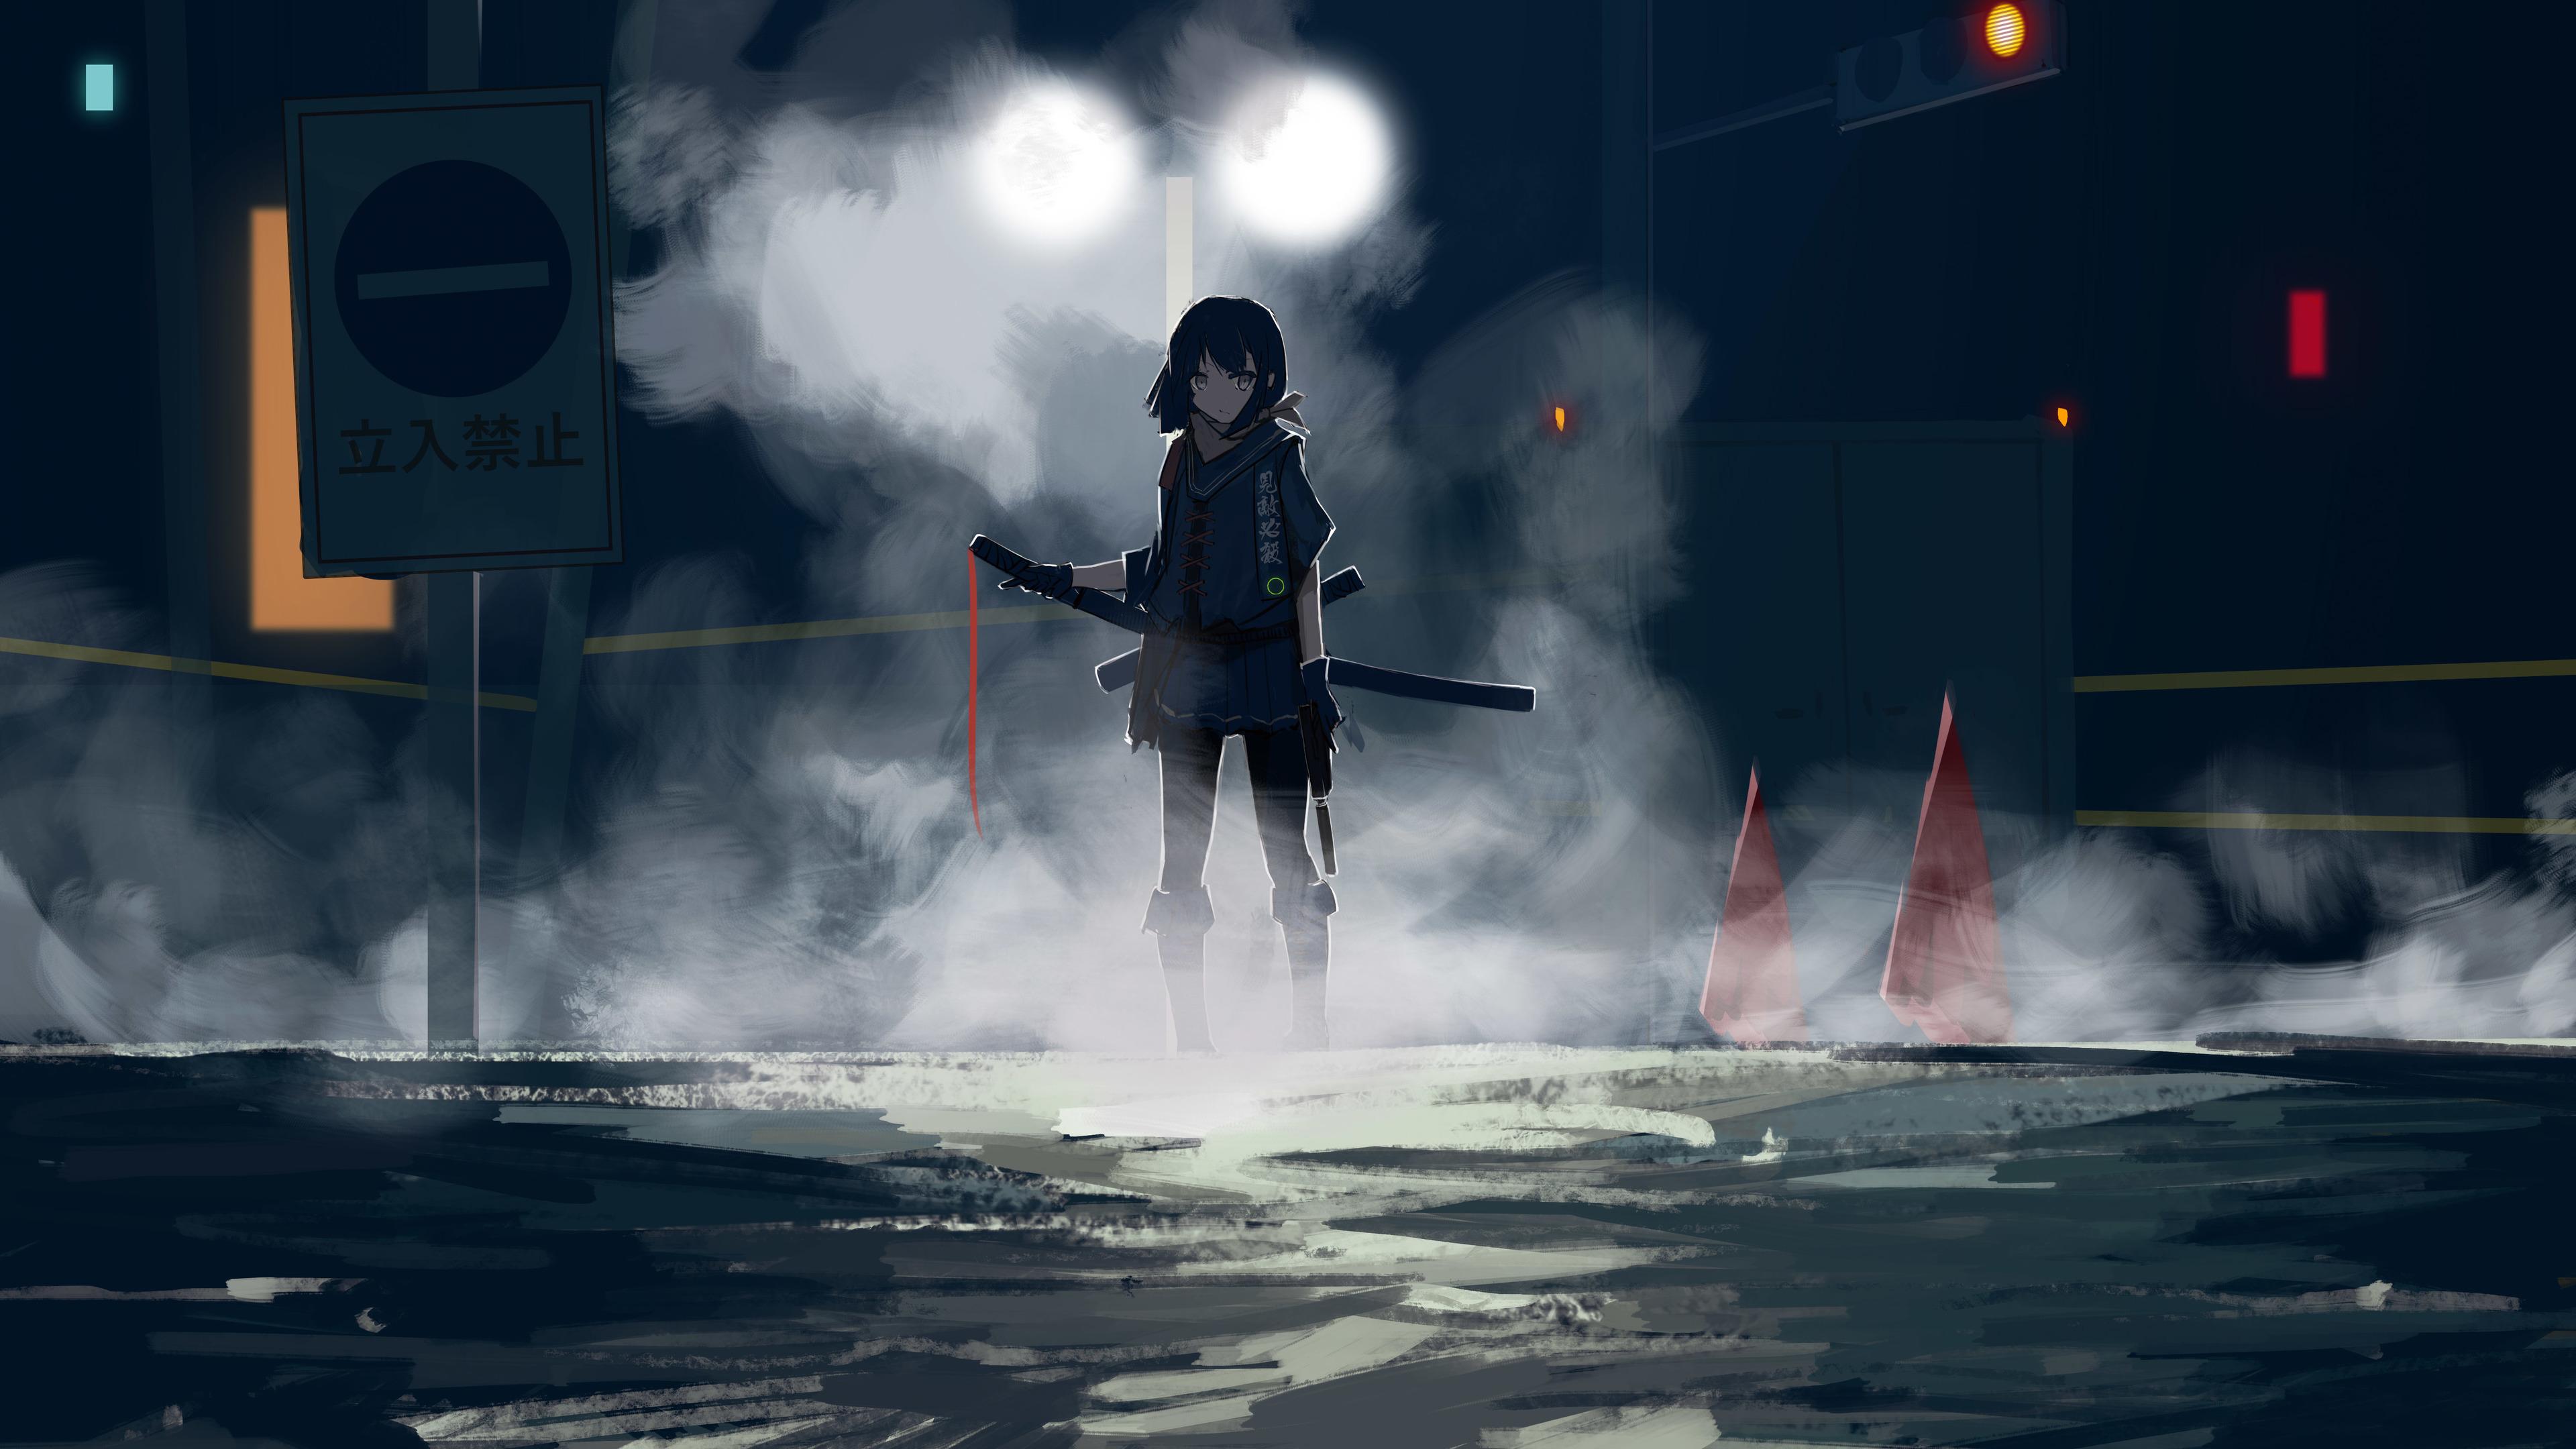 assassin anime girl with sword 4k 1546277571 - Assassin Anime Girl With Sword 4k - sword wallpapers, hd-wallpapers, digital art wallpapers, artwork wallpapers, artist wallpapers, anime wallpapers, anime girl wallpapers, 5k wallpapers, 4k-wallpapers